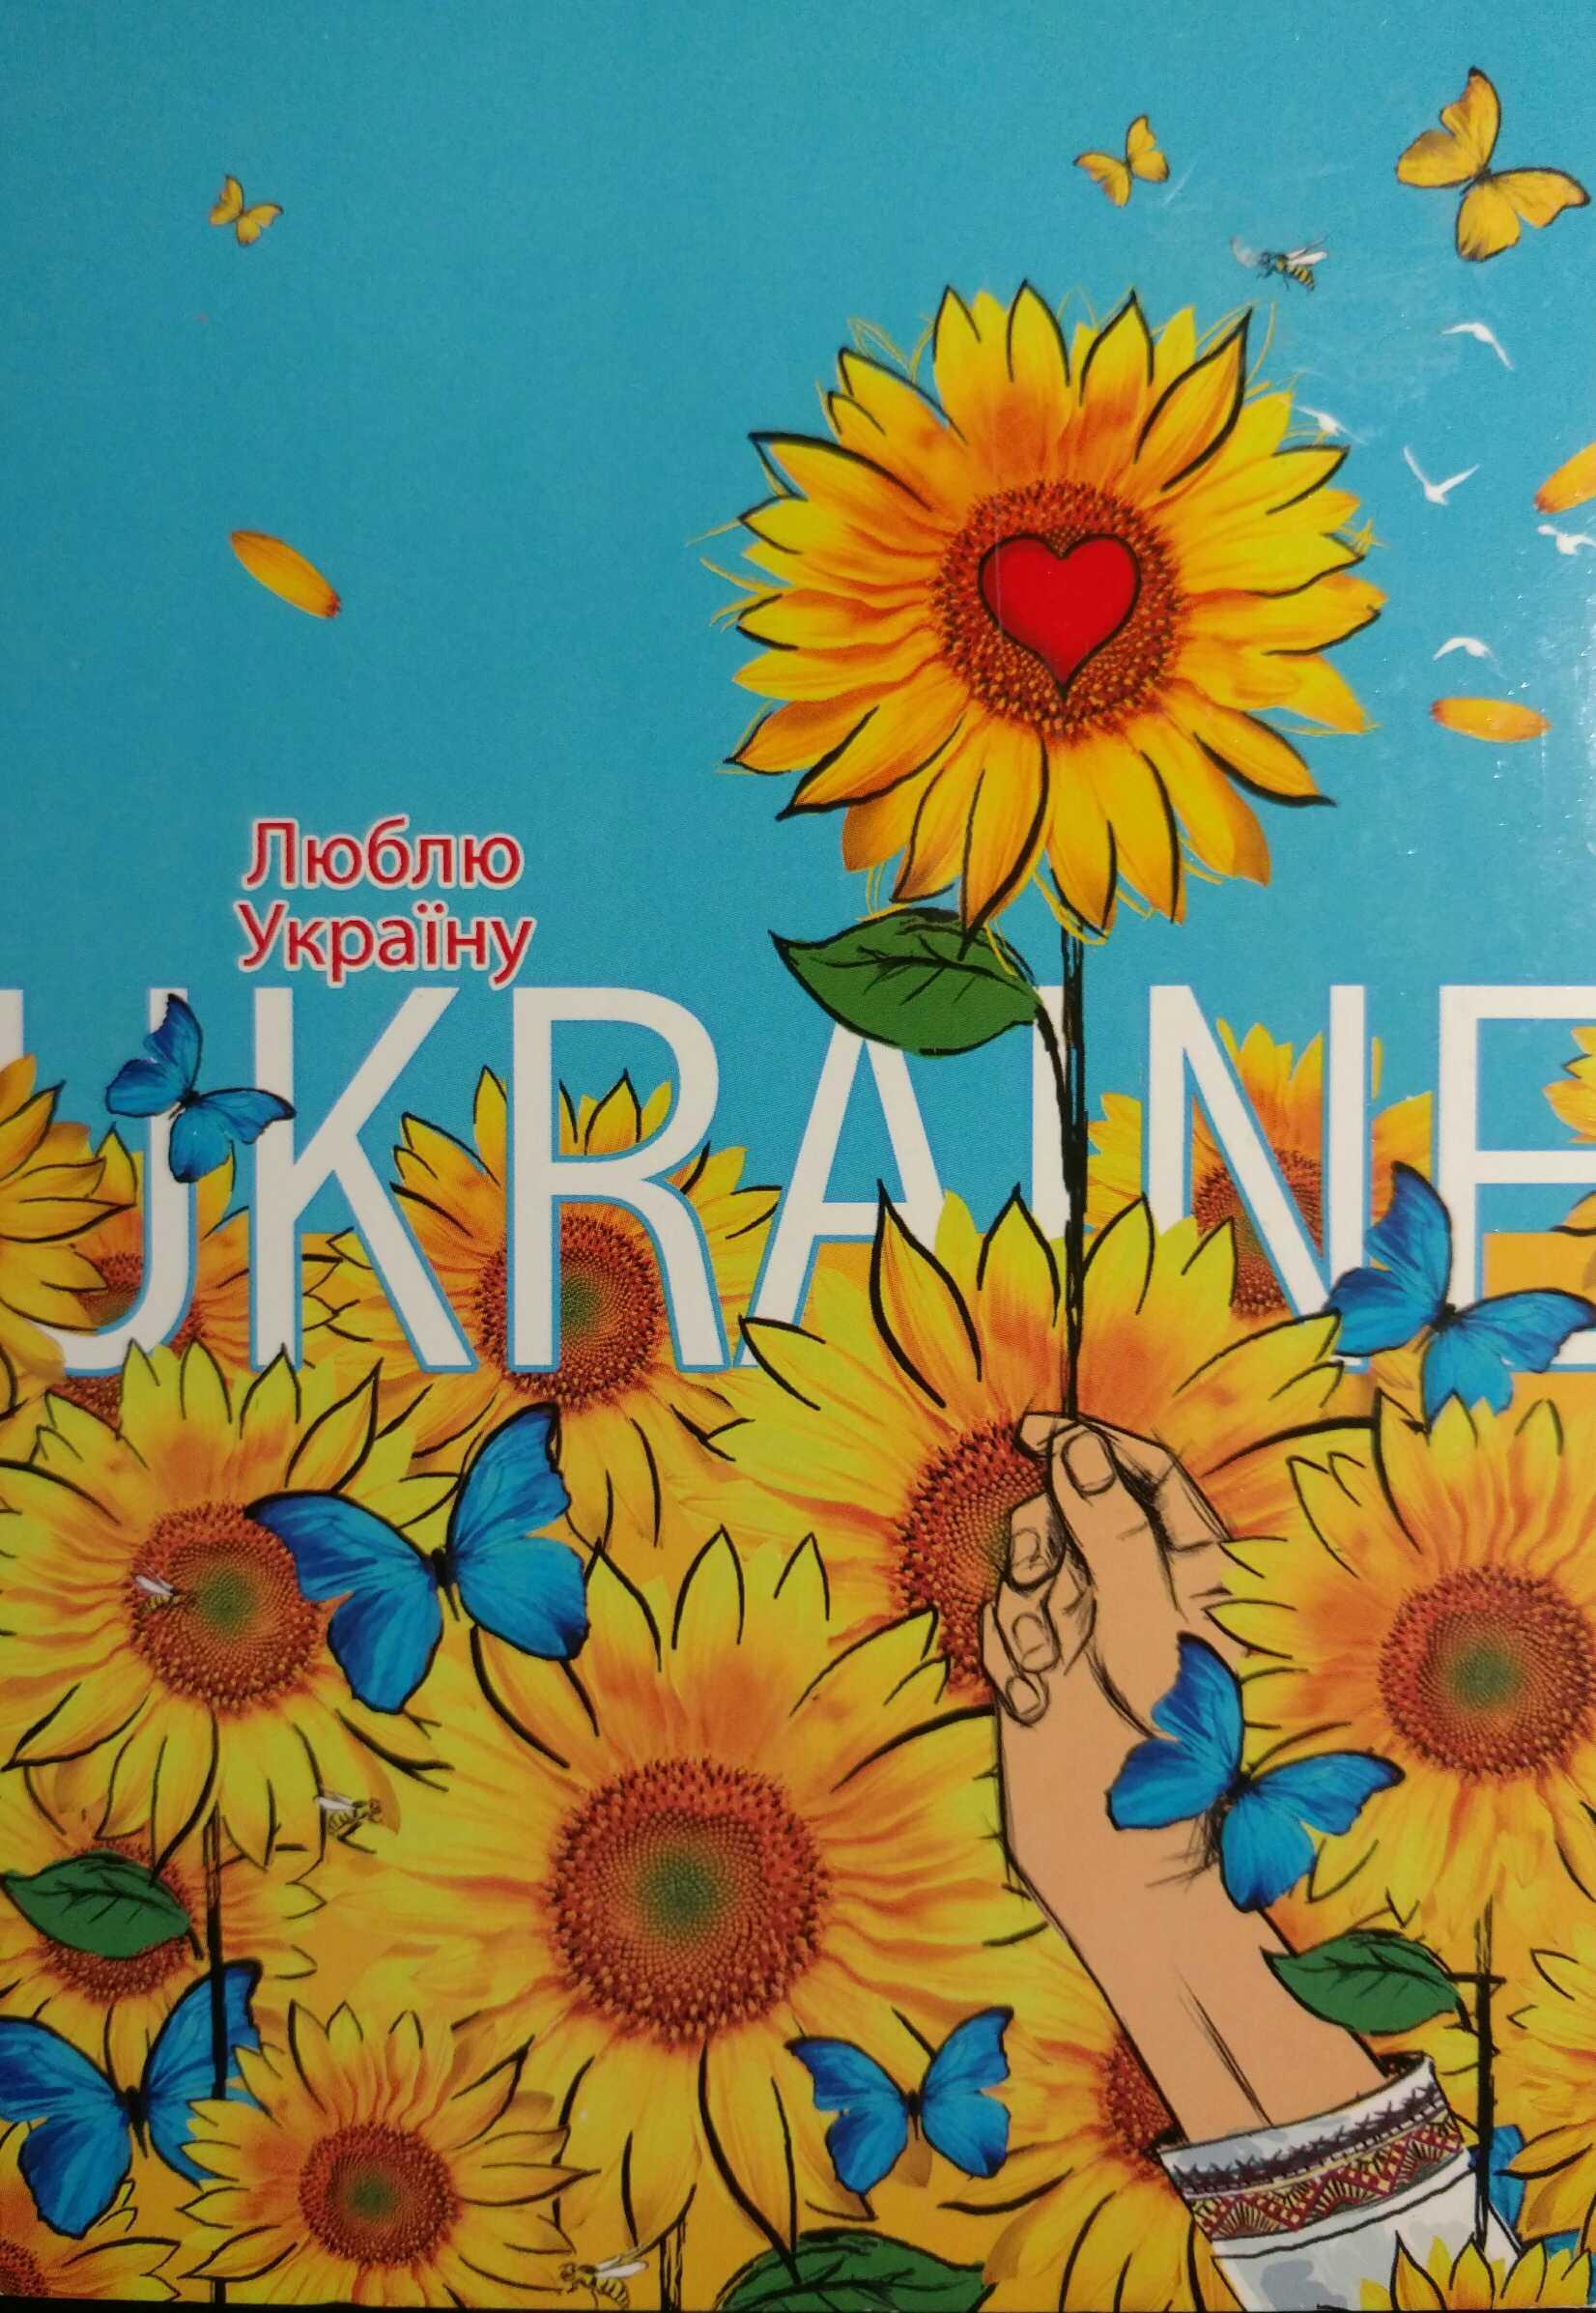 Открытка перевод украинский